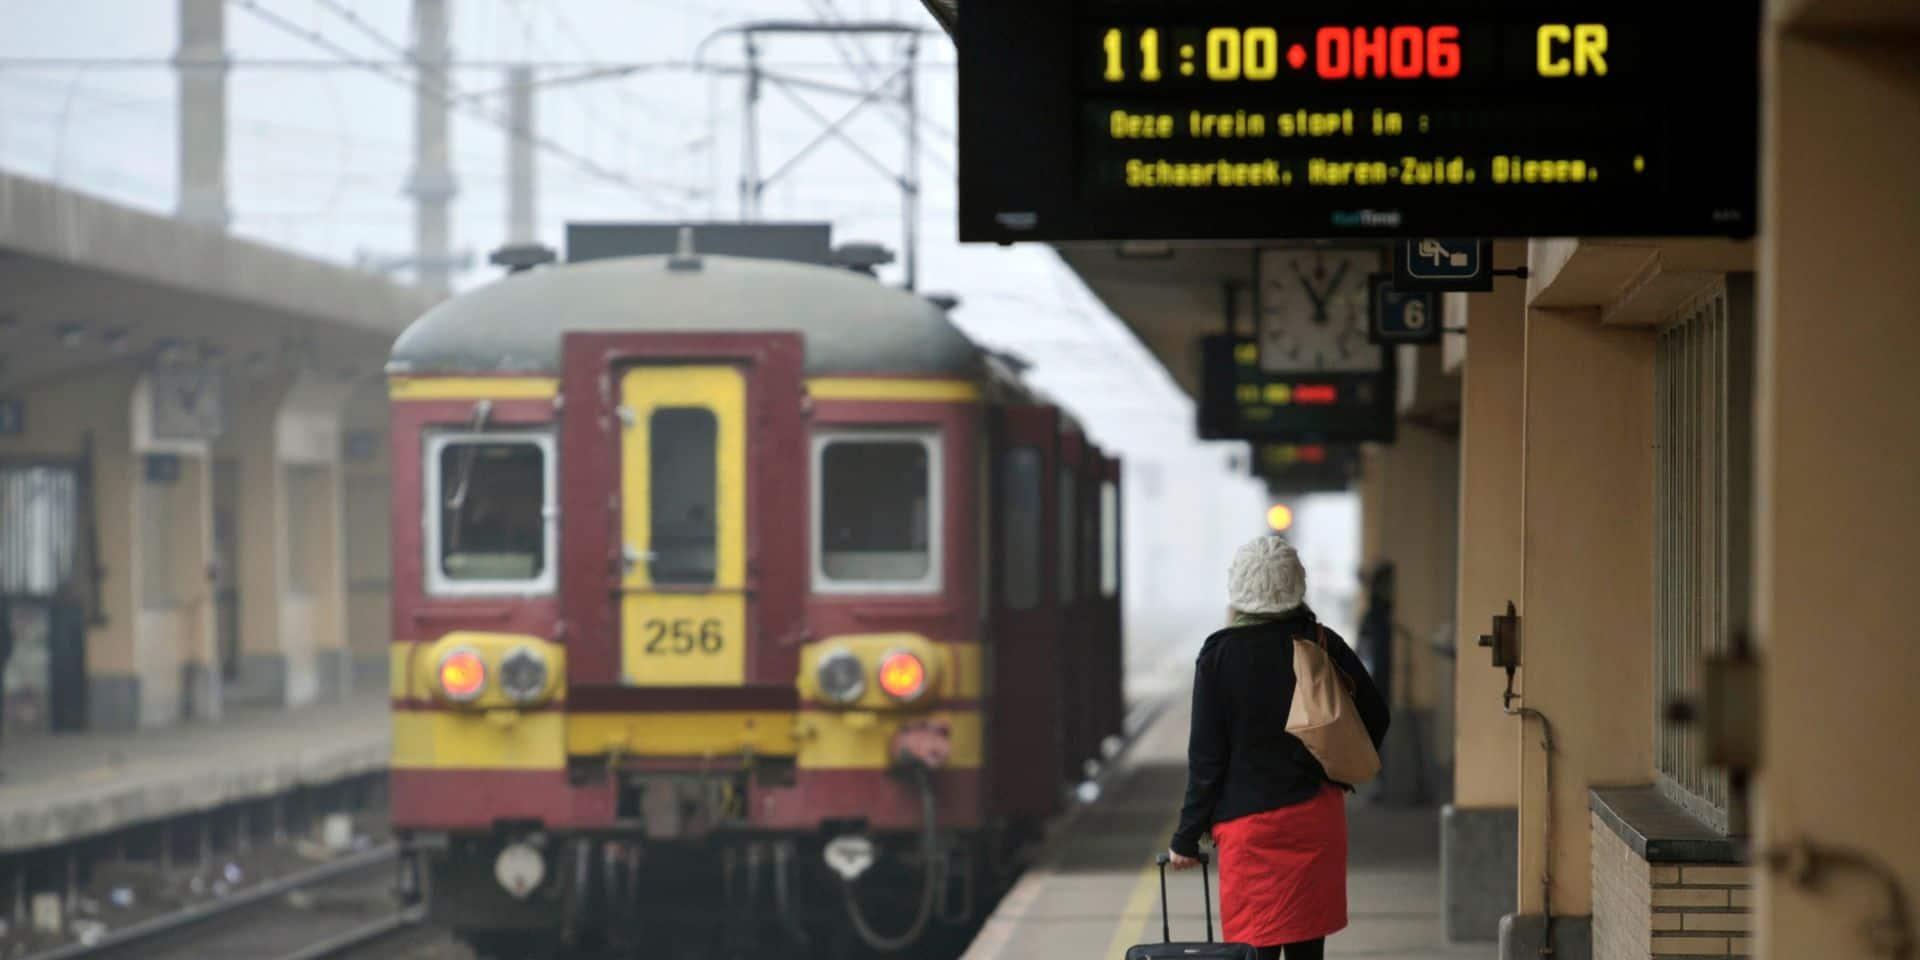 Des perturbations à prévoir sur le rail ce vendredi en raison de travaux à Bruxelles-Nord